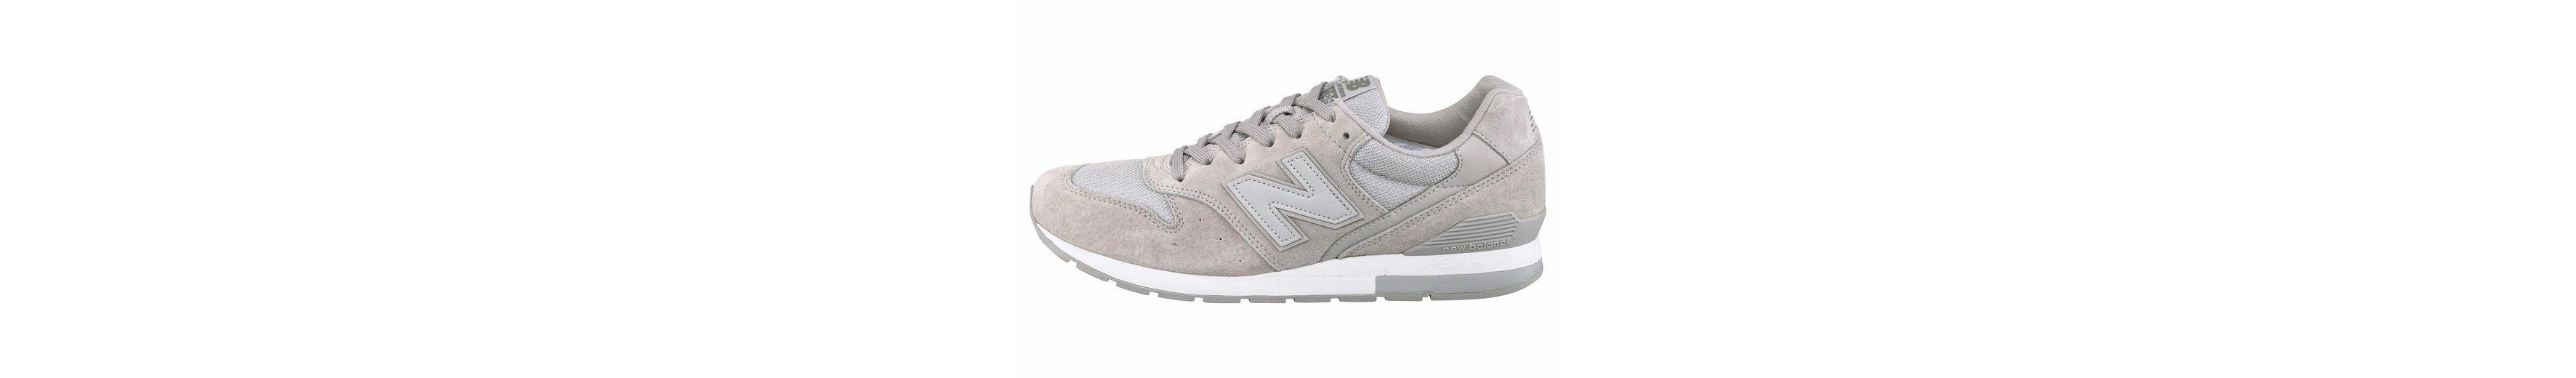 Perfekt New Balance MRL996 Basic Sneaker Günstig Kaufen In Deutschland Freies Verschiffen 100% Original In Deutschland Günstig Online HT2Ej